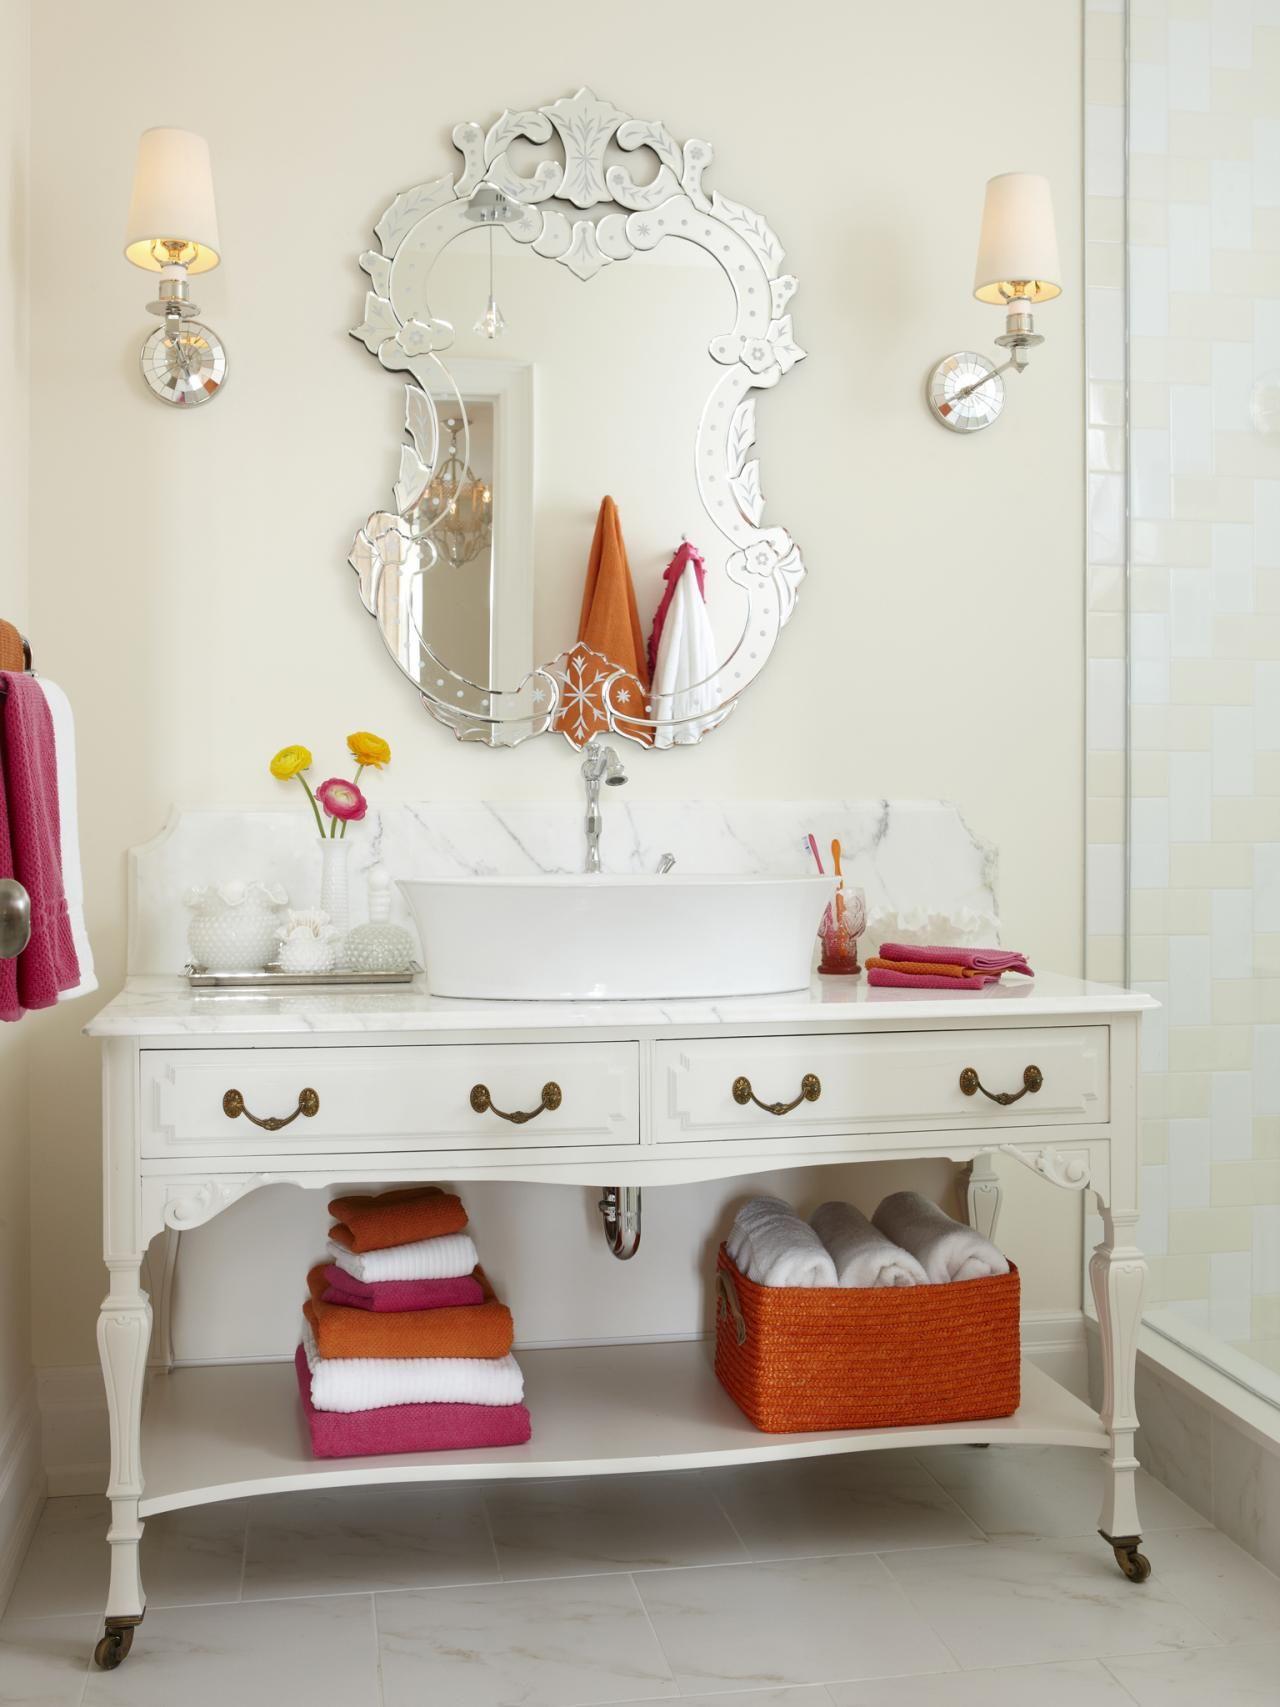 13 Dreamy Bathroom Lighting Ideas Bath Design Cottage